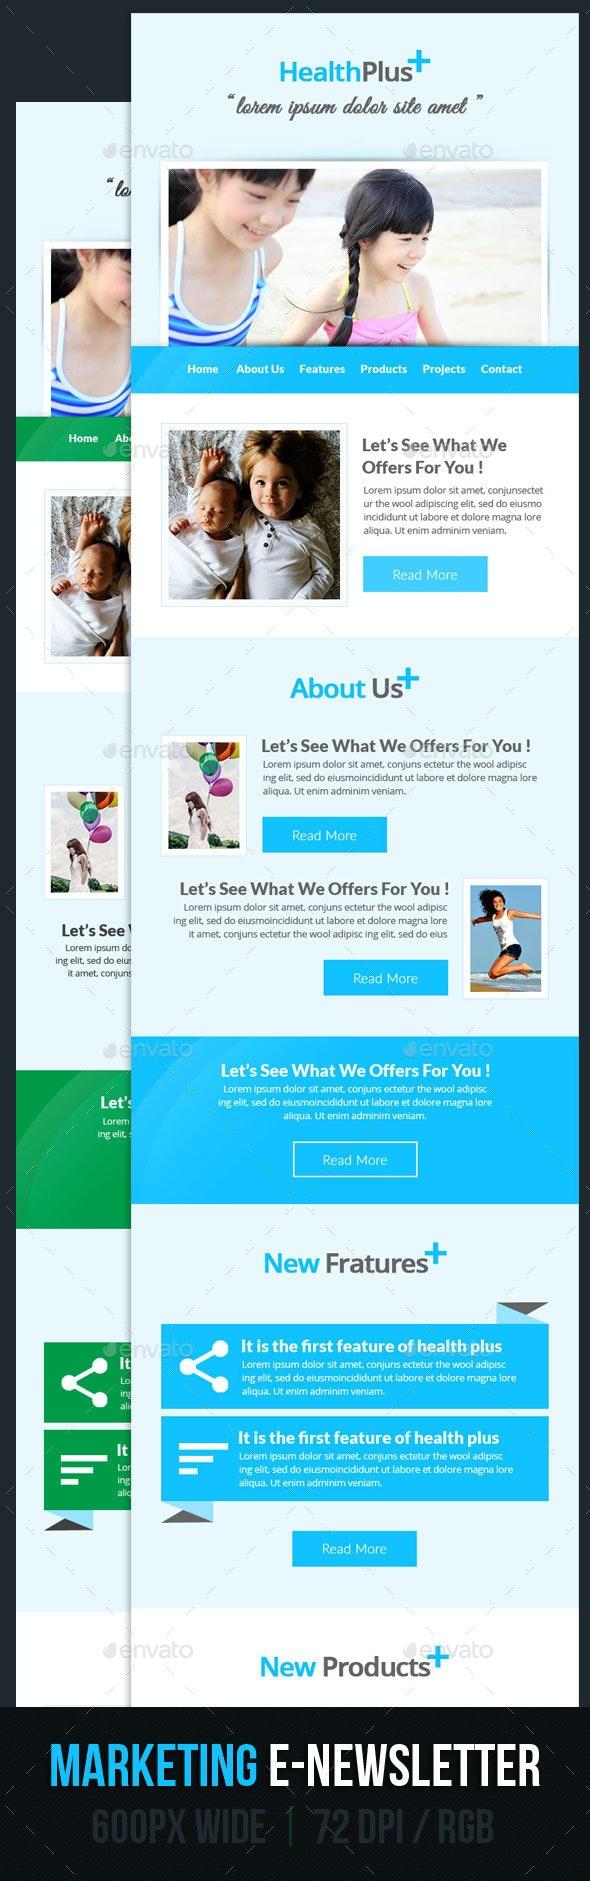 Marketing E-Newsletter